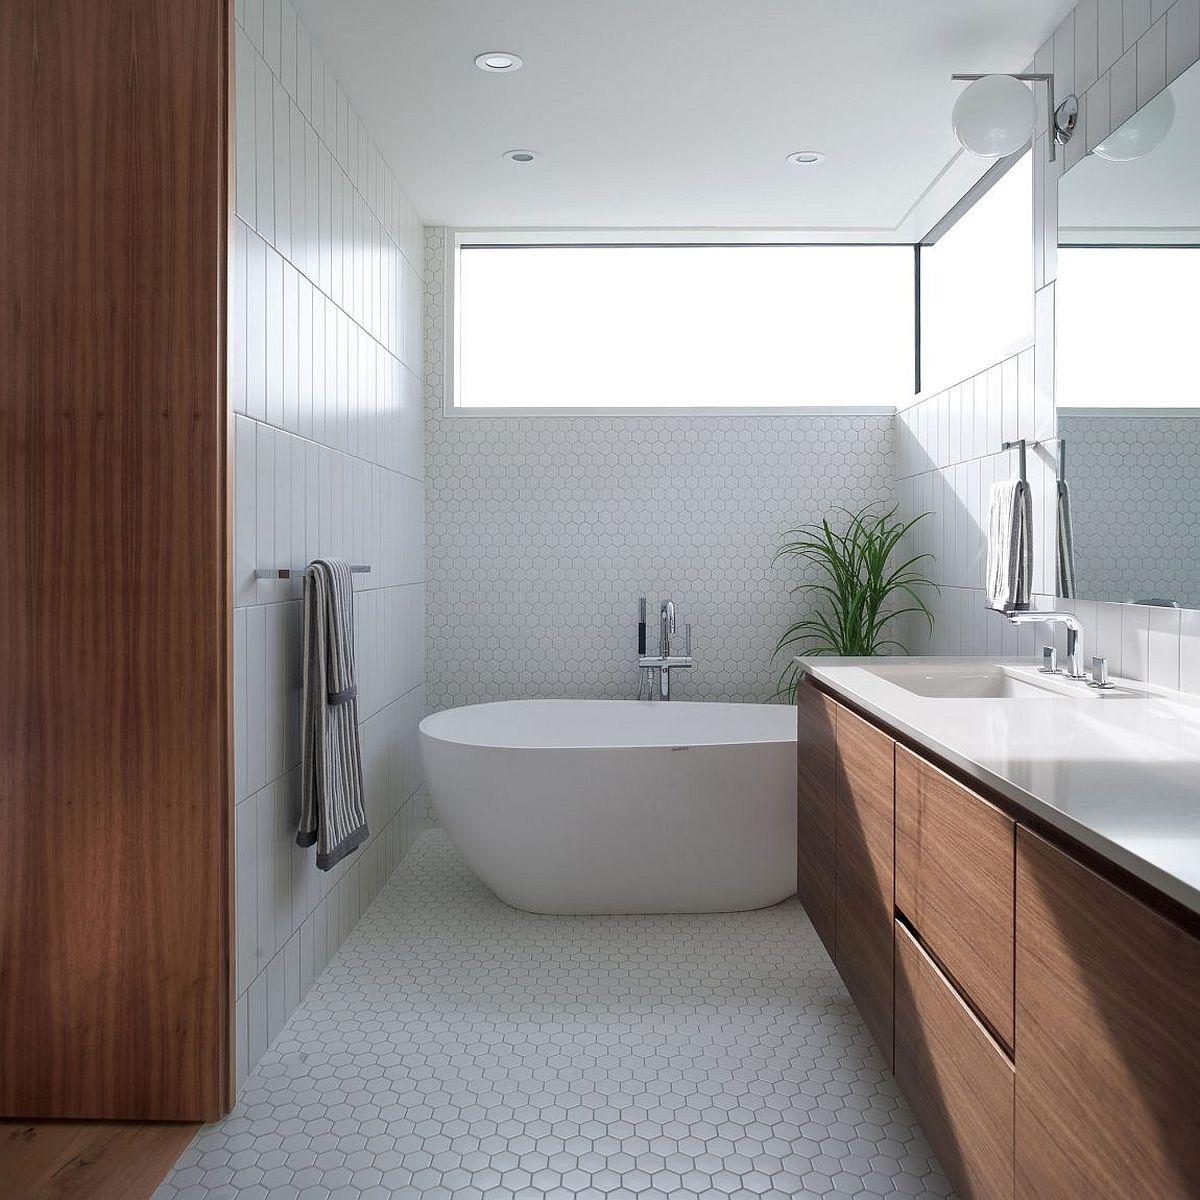 Hexagonal tiles in the modern bathroom in white